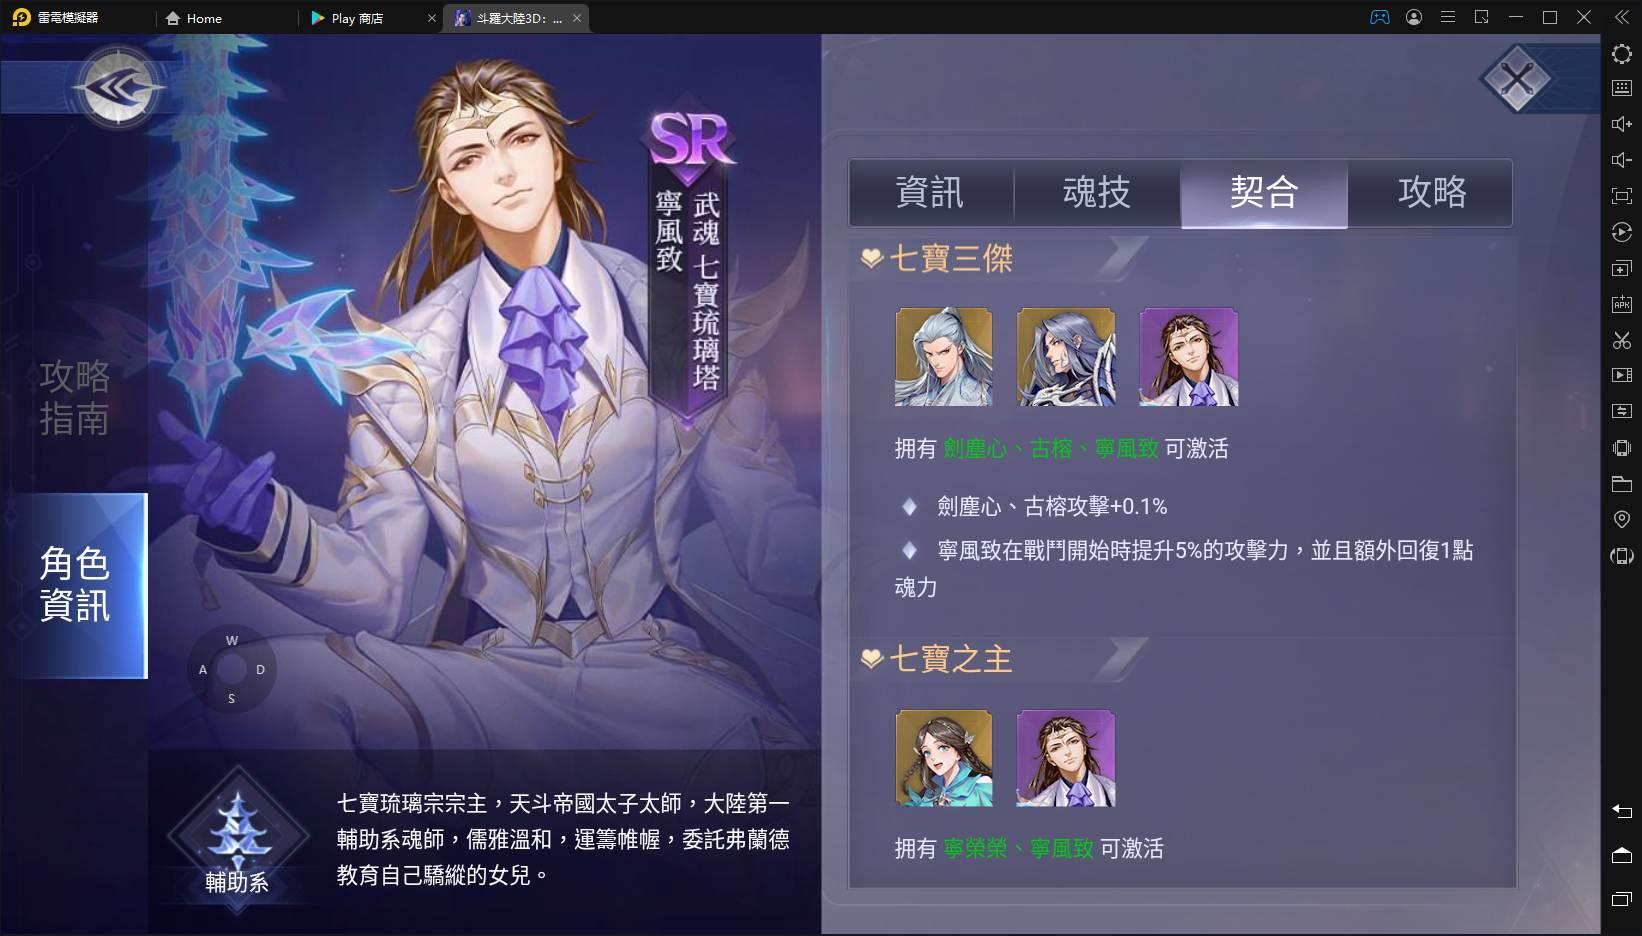 【攻略】《斗羅大陸3D:魂師對決》魂師完整解析「寧風致」角色